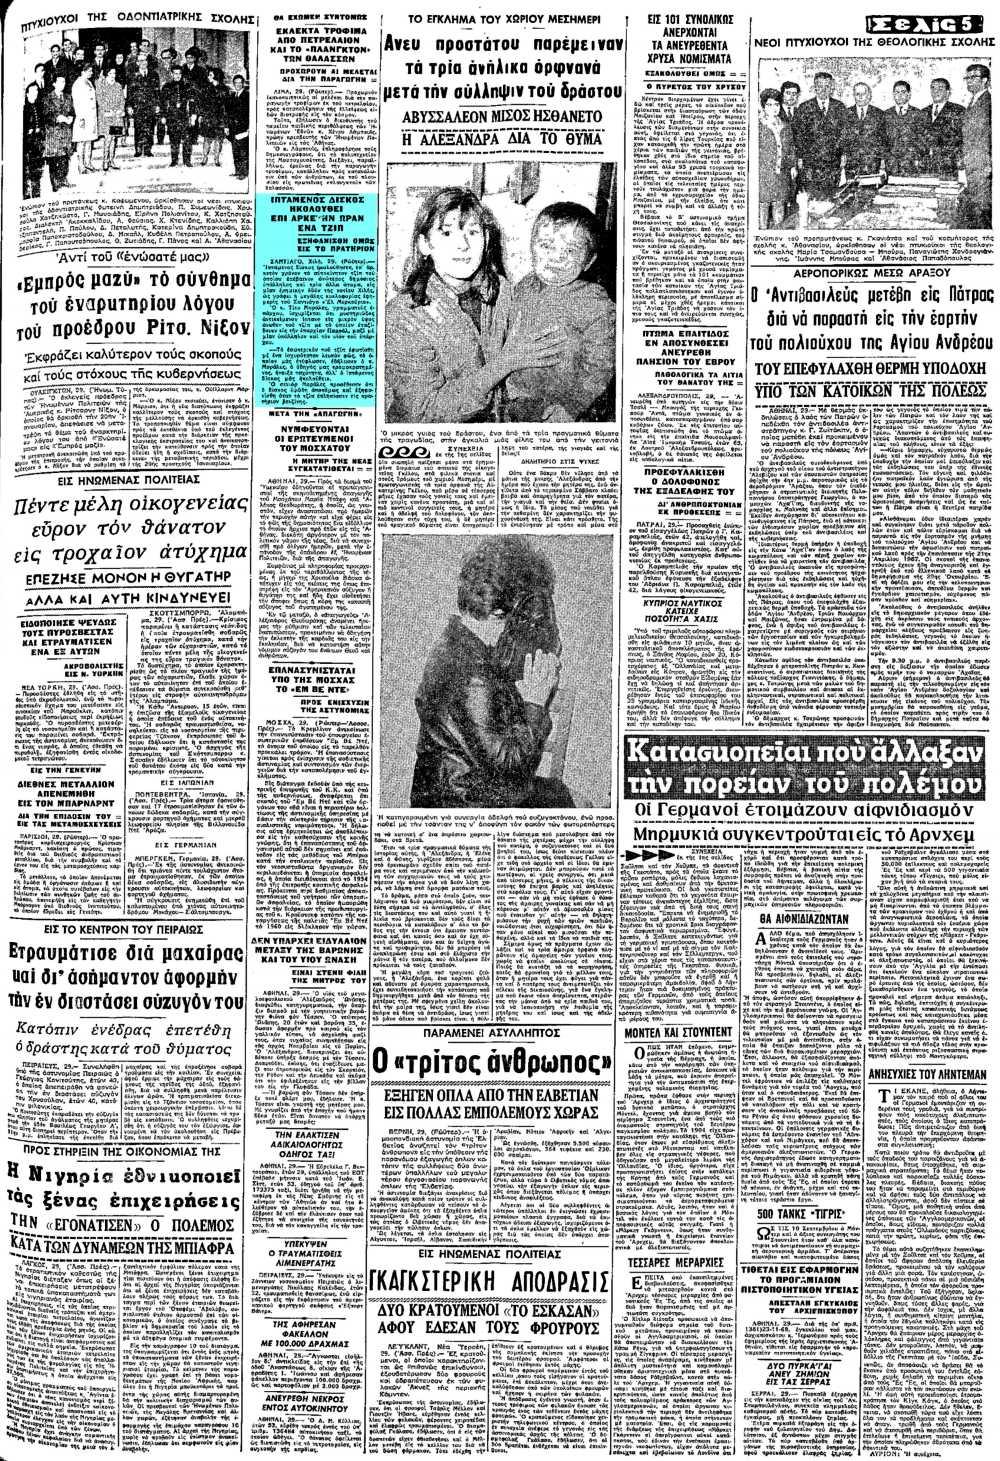 """Το άρθρο, όπως δημοσιεύθηκε στην εφημερίδα """"ΜΑΚΕΔΟΝΙΑ"""", στις 30/11/1968"""